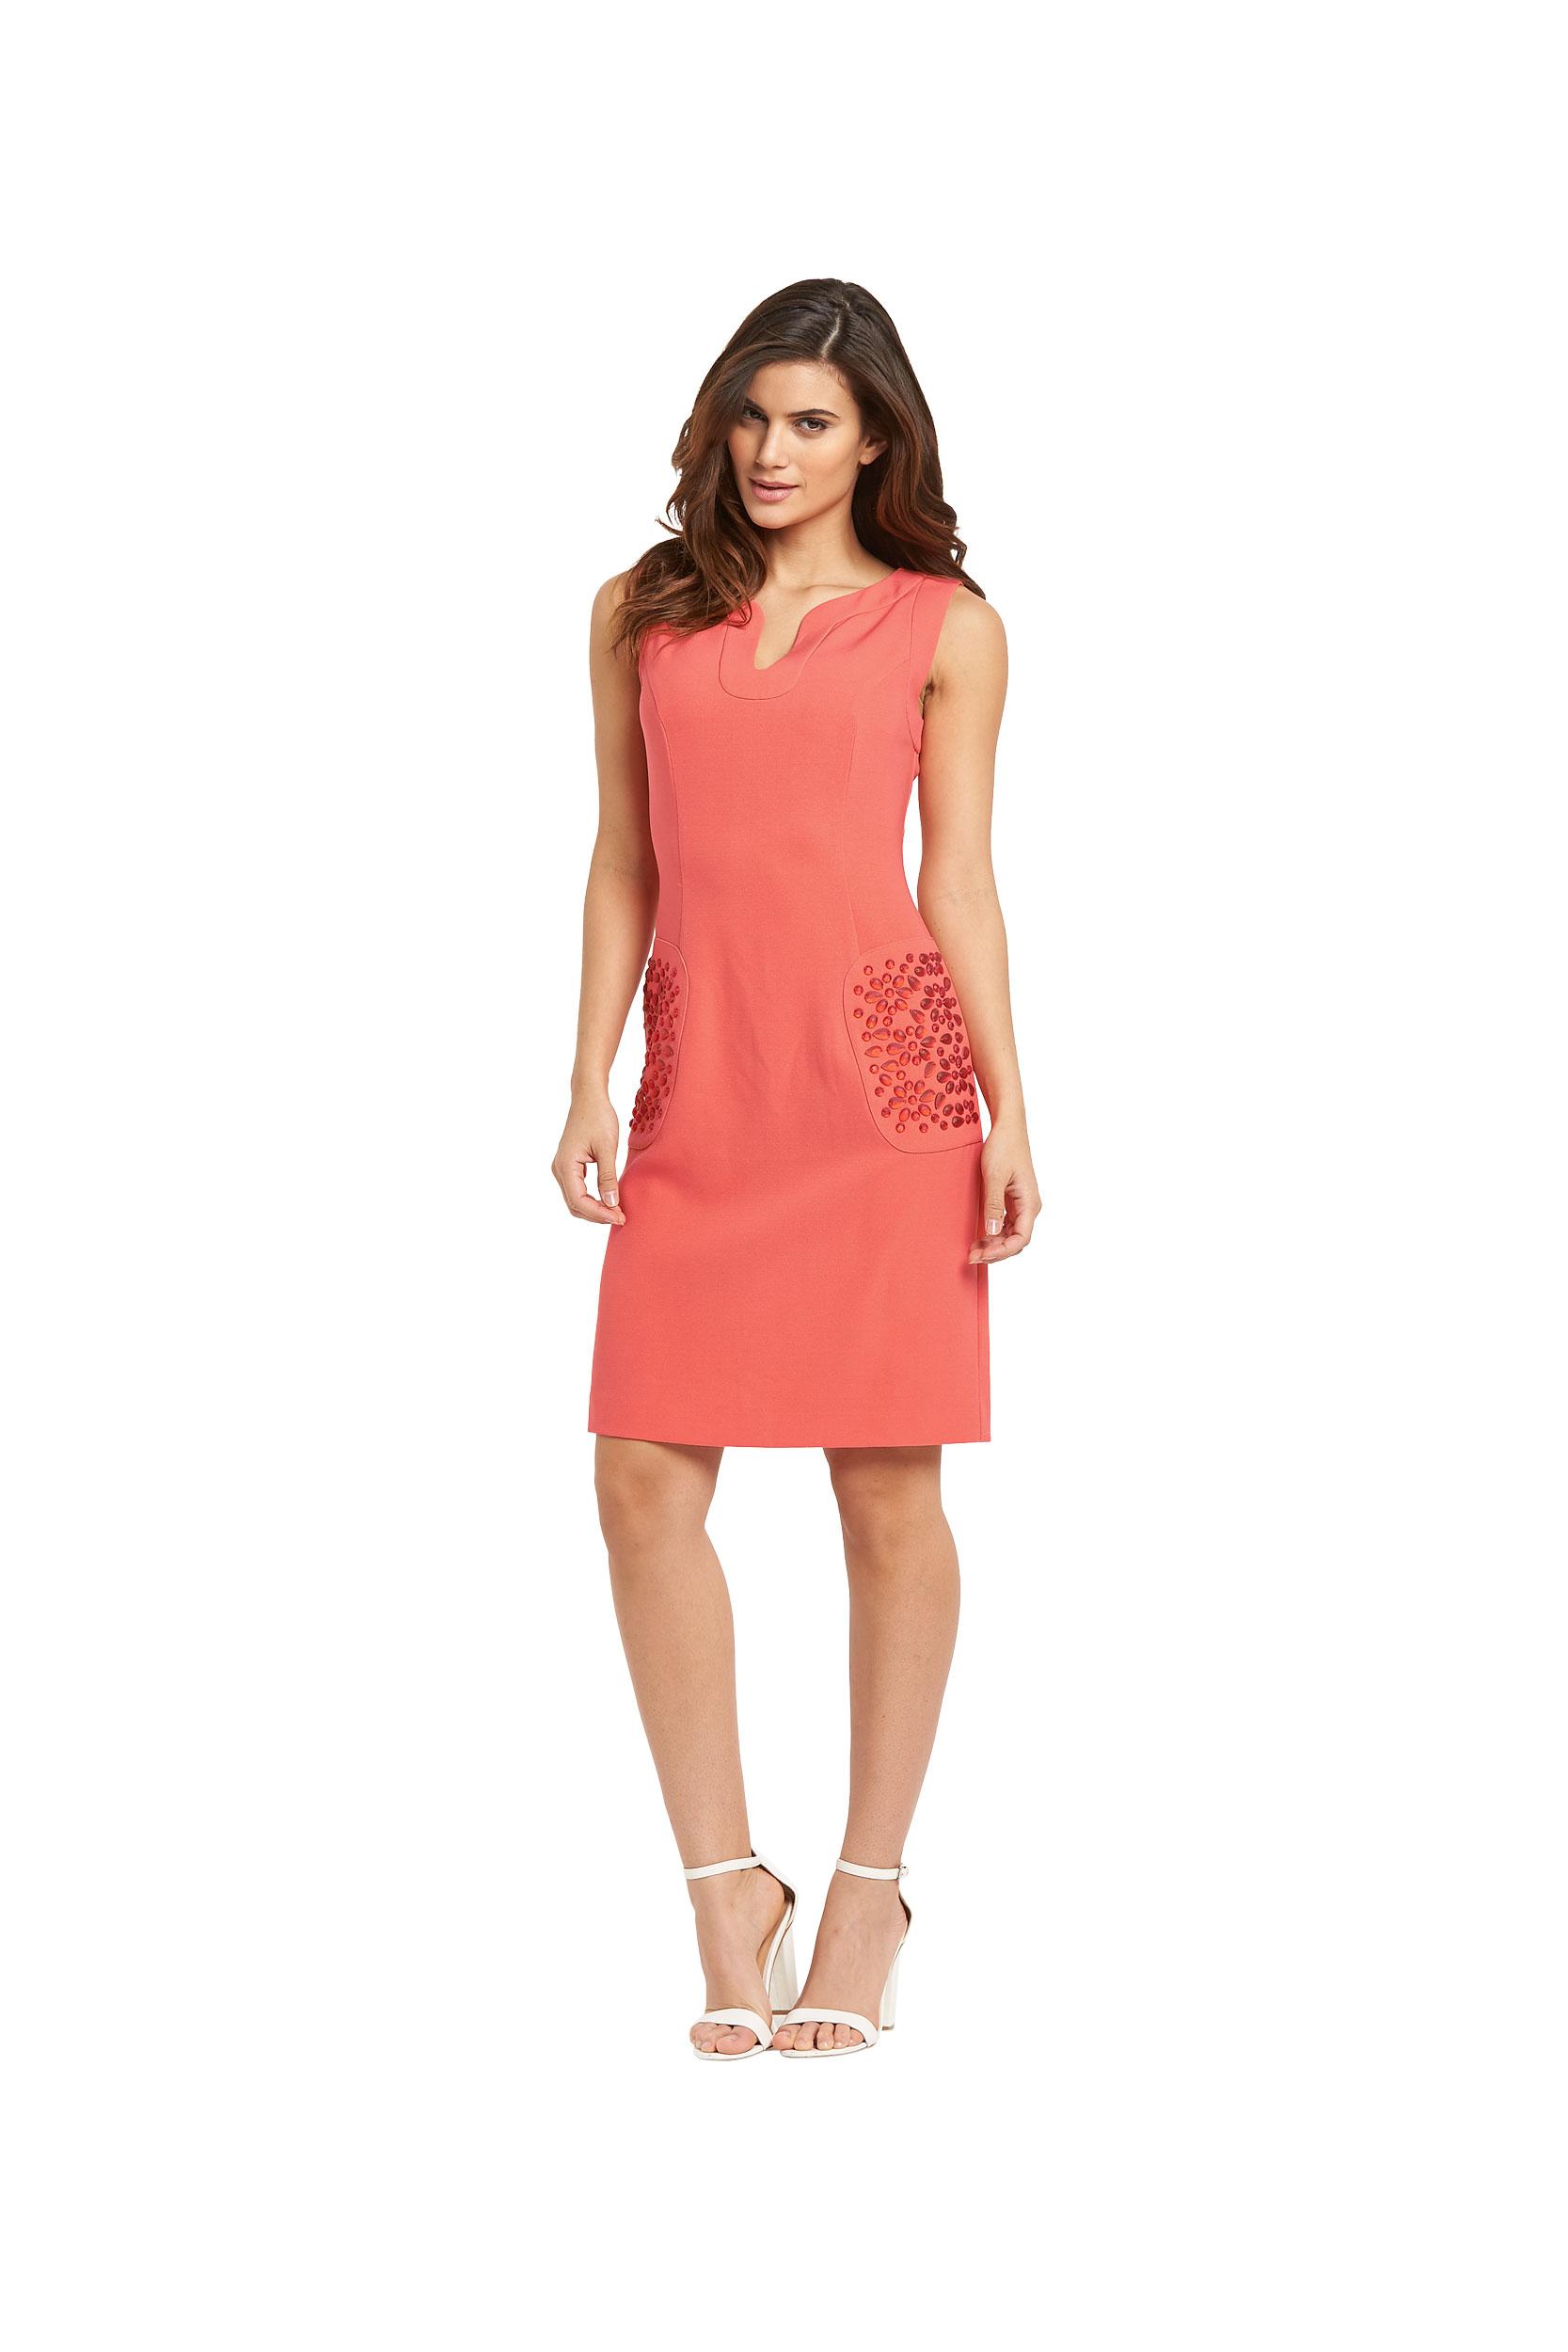 Savoir Embellished Pocket Tunic Dress